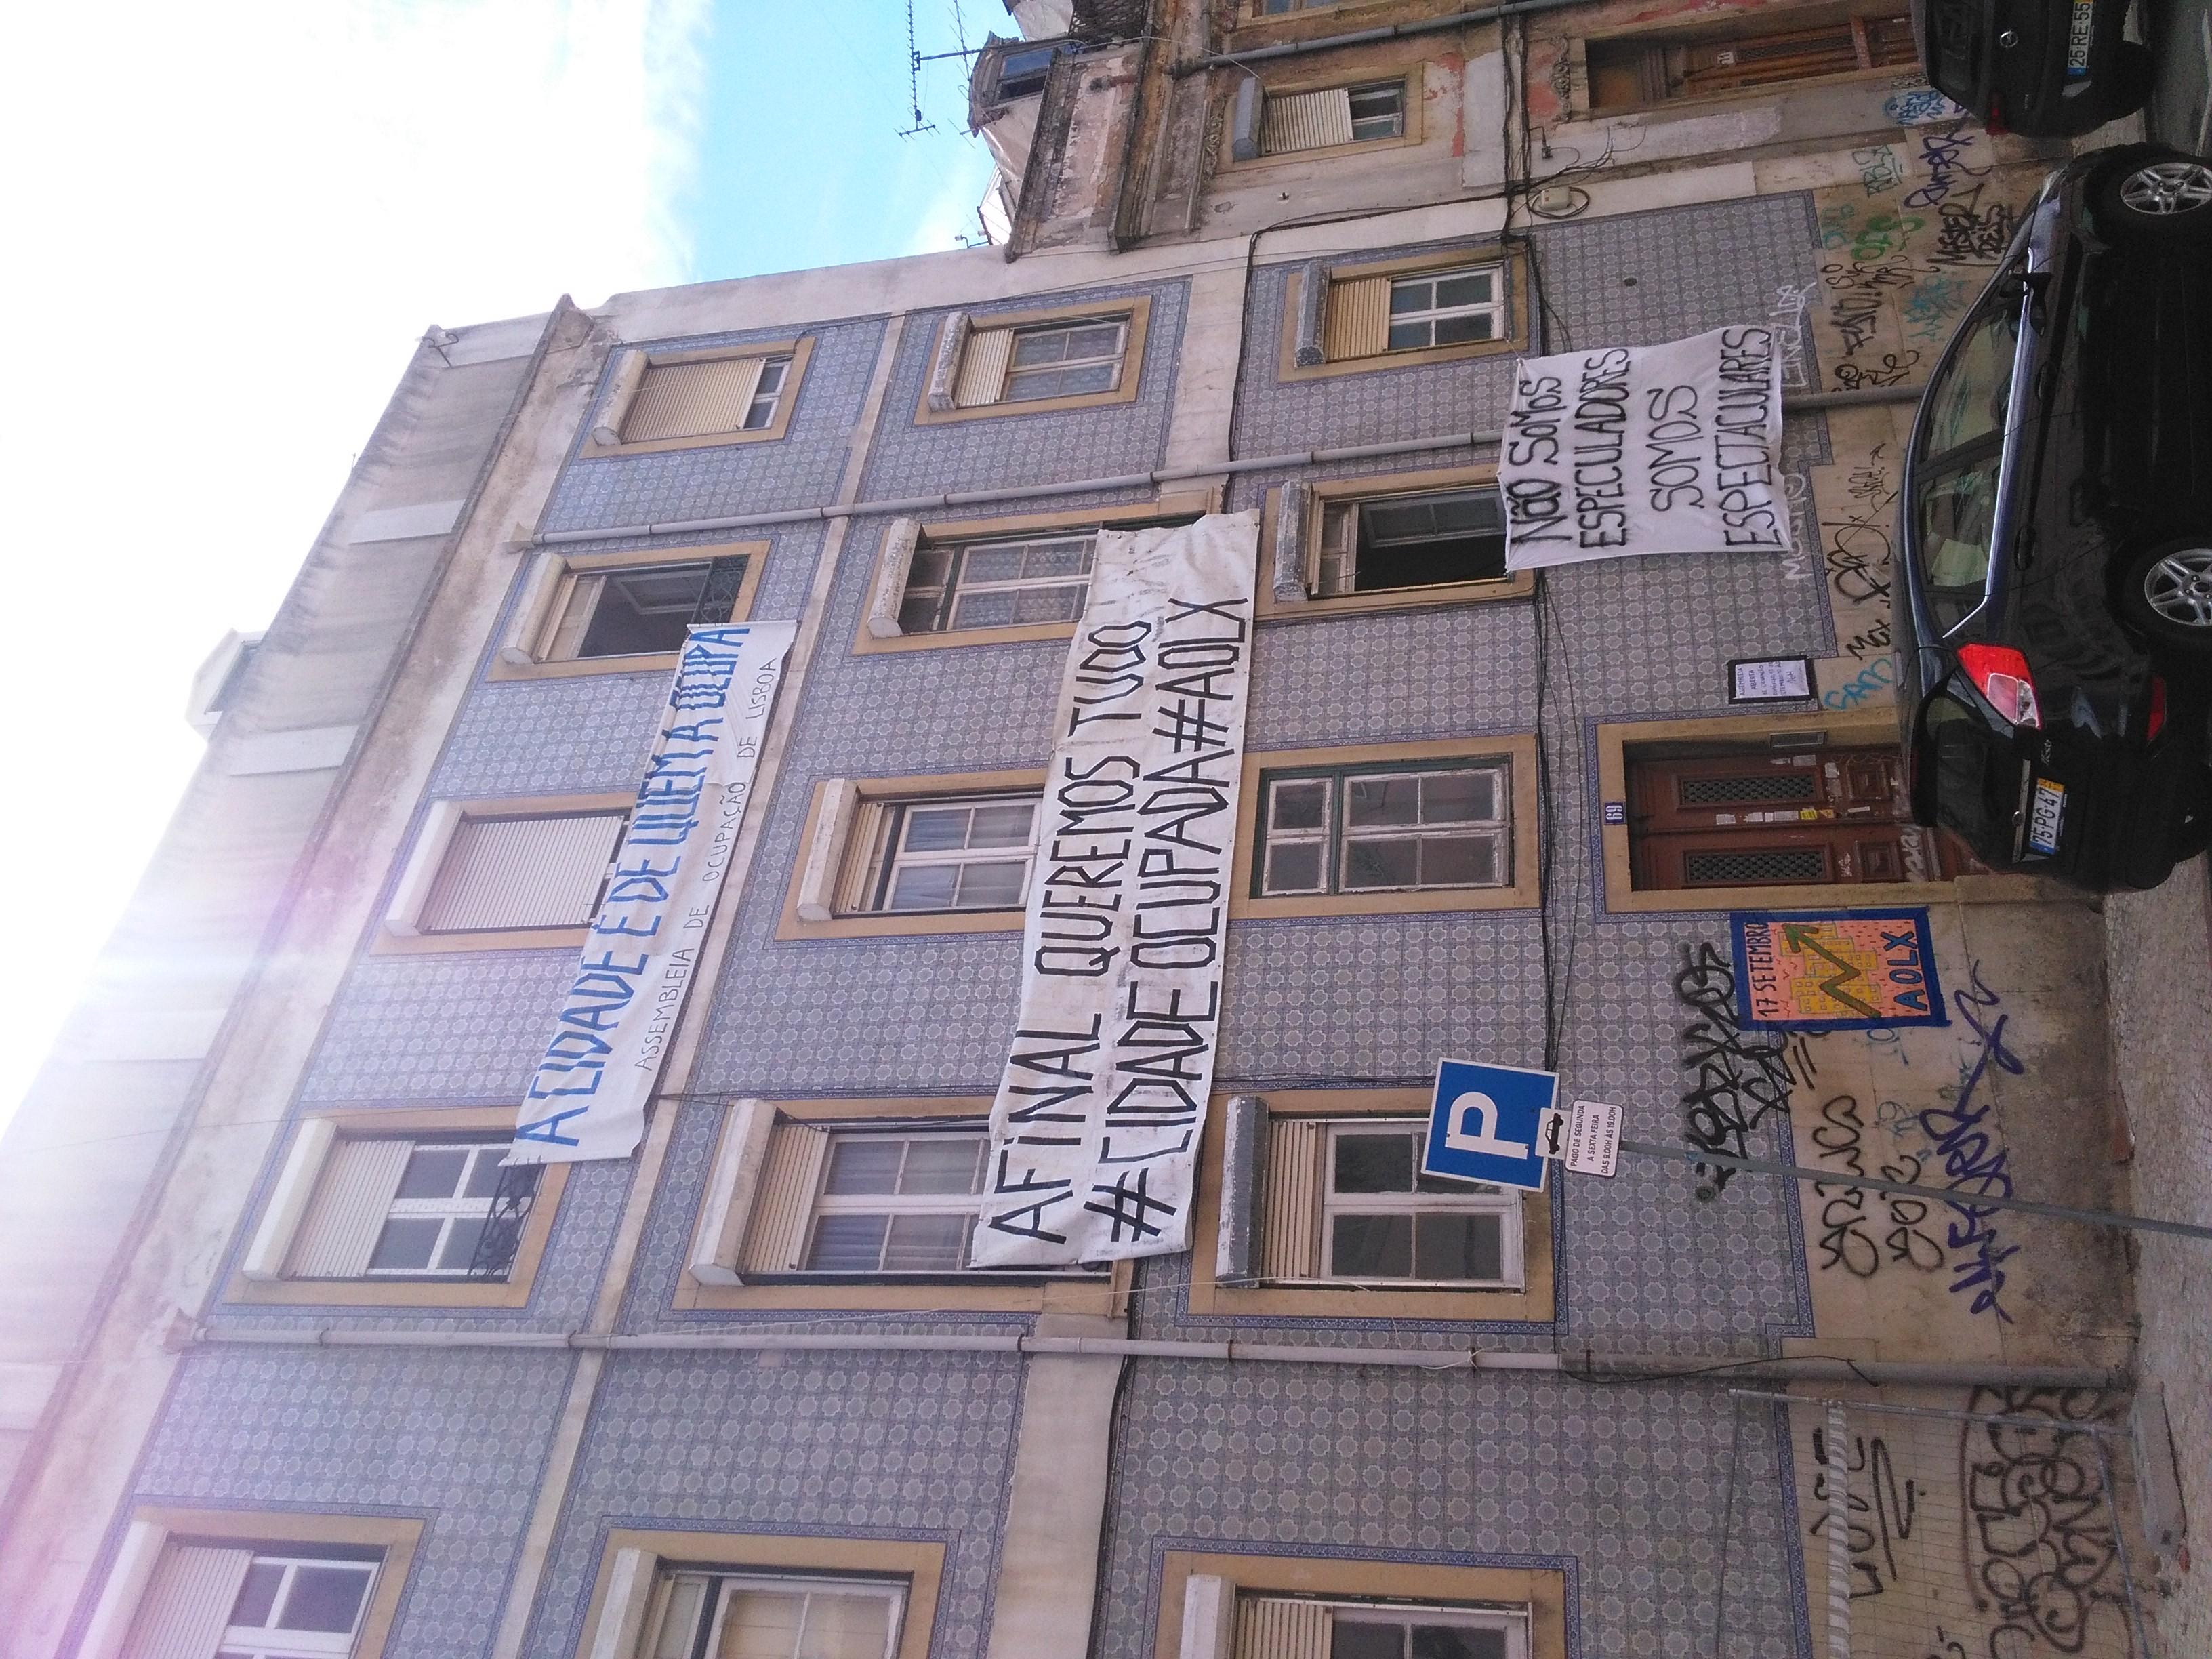 91bf368511 ASSEMBLEIA DE OCUPAÇÃO DE LISBOA – EPHEMERA – Biblioteca e arquivo ...